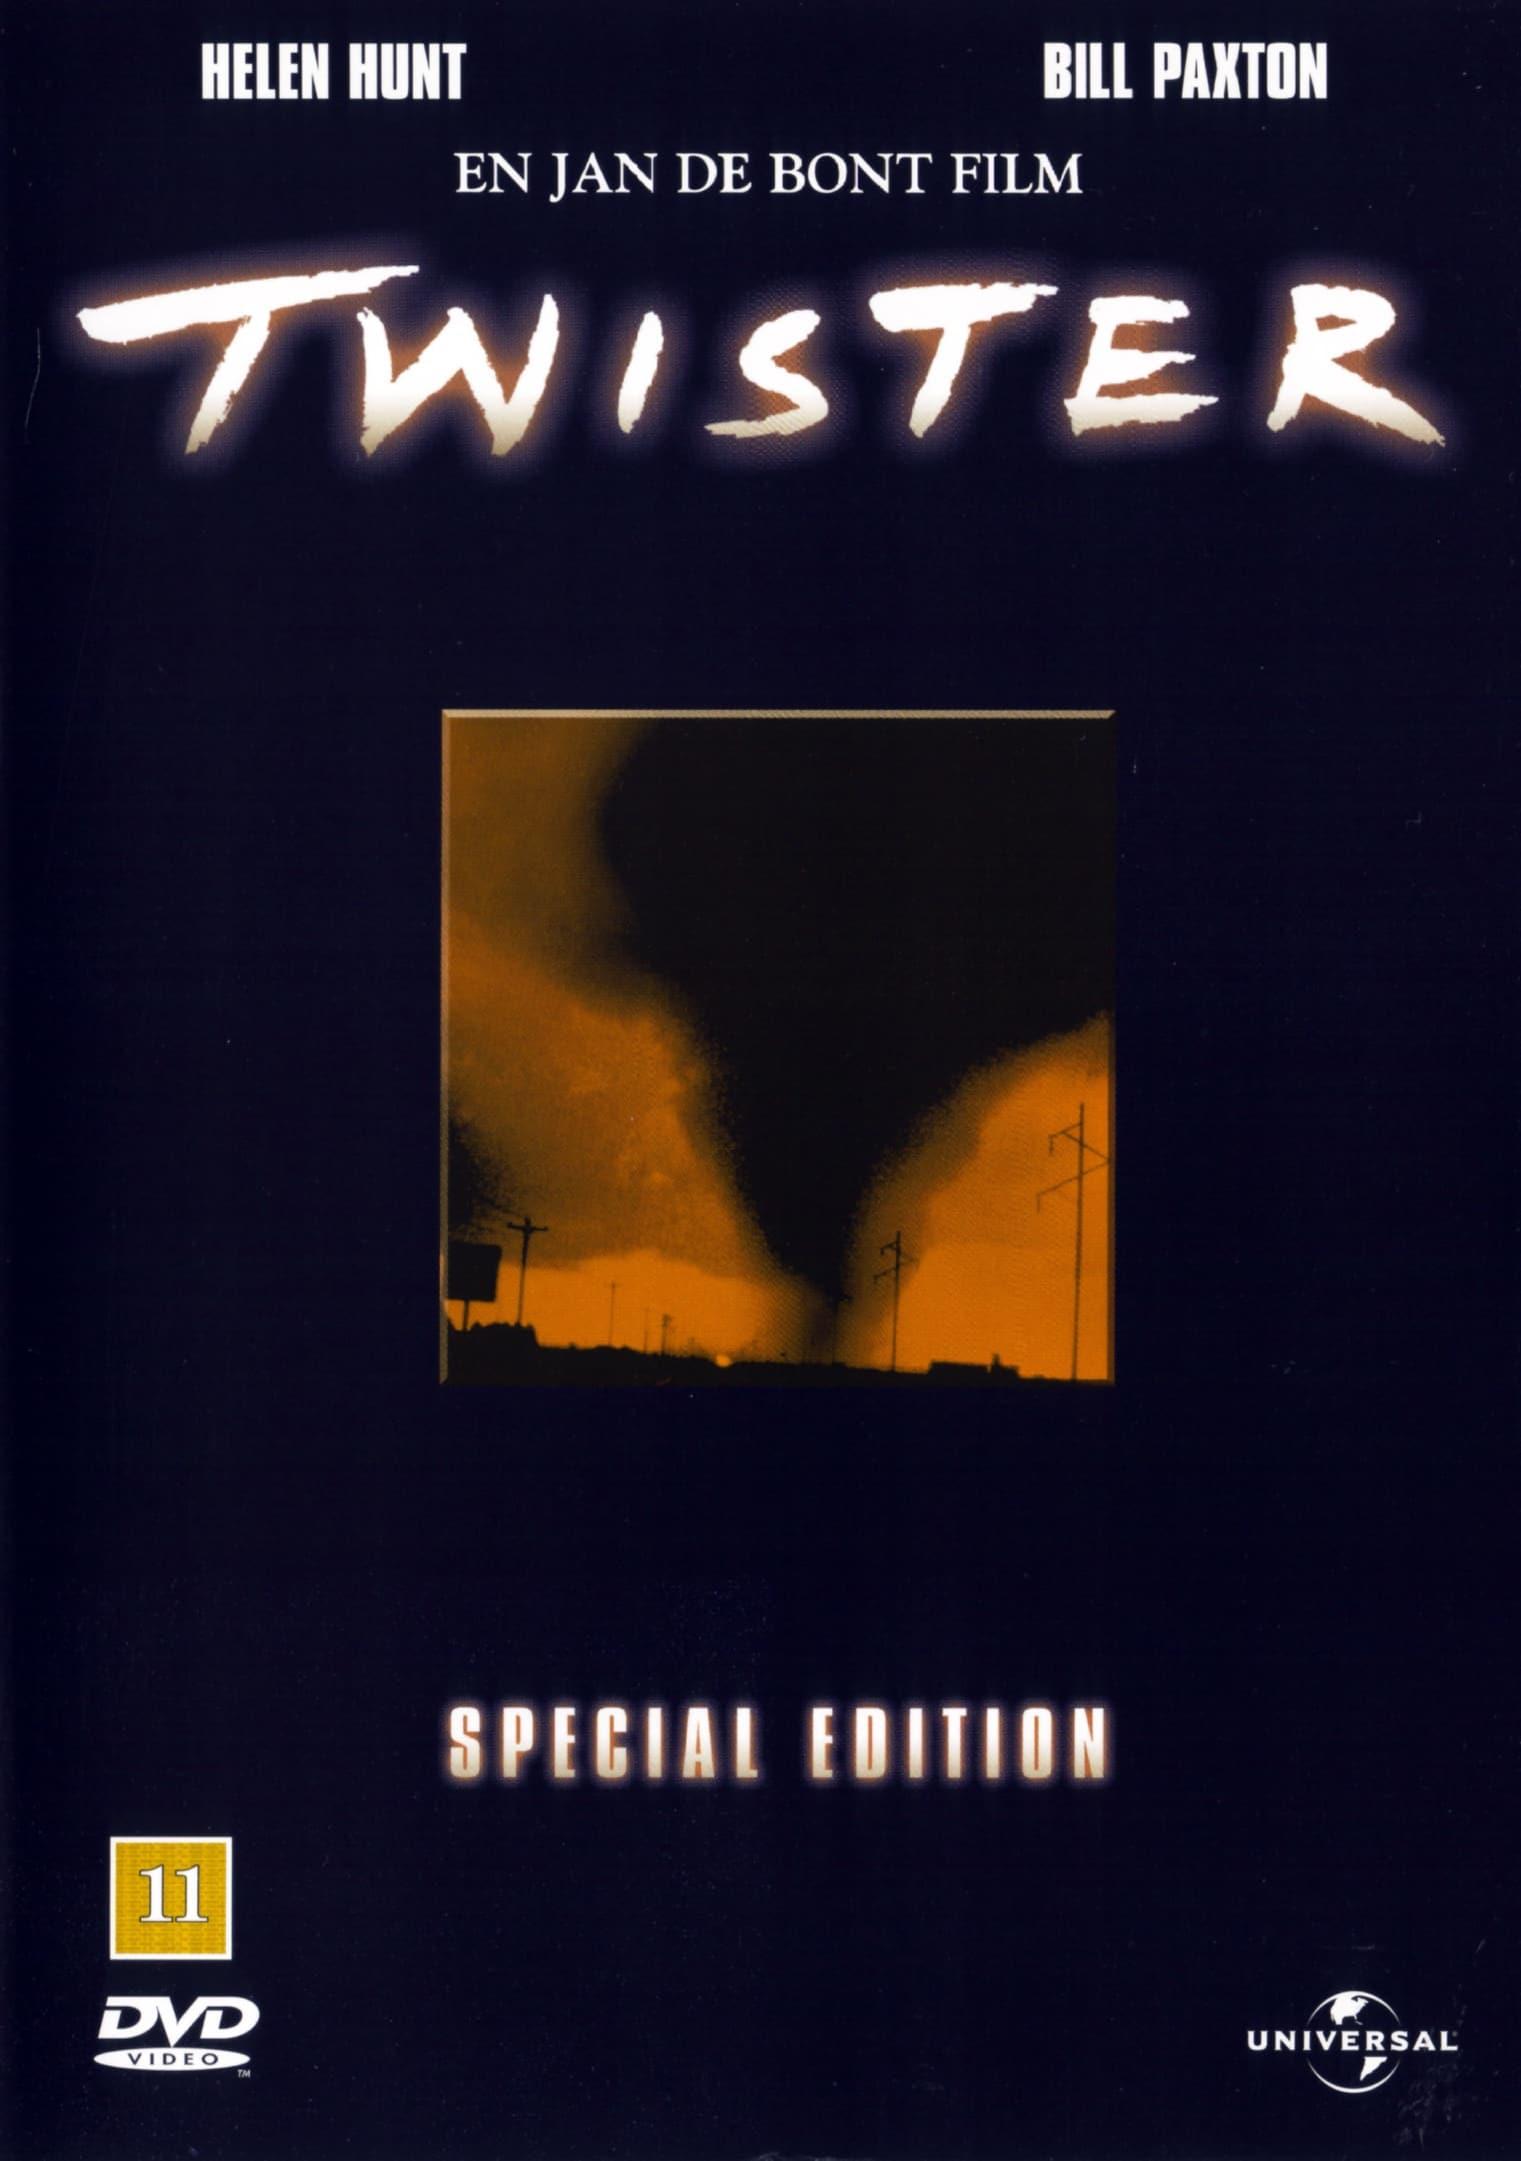 twister 1996 watch free primewire movies online